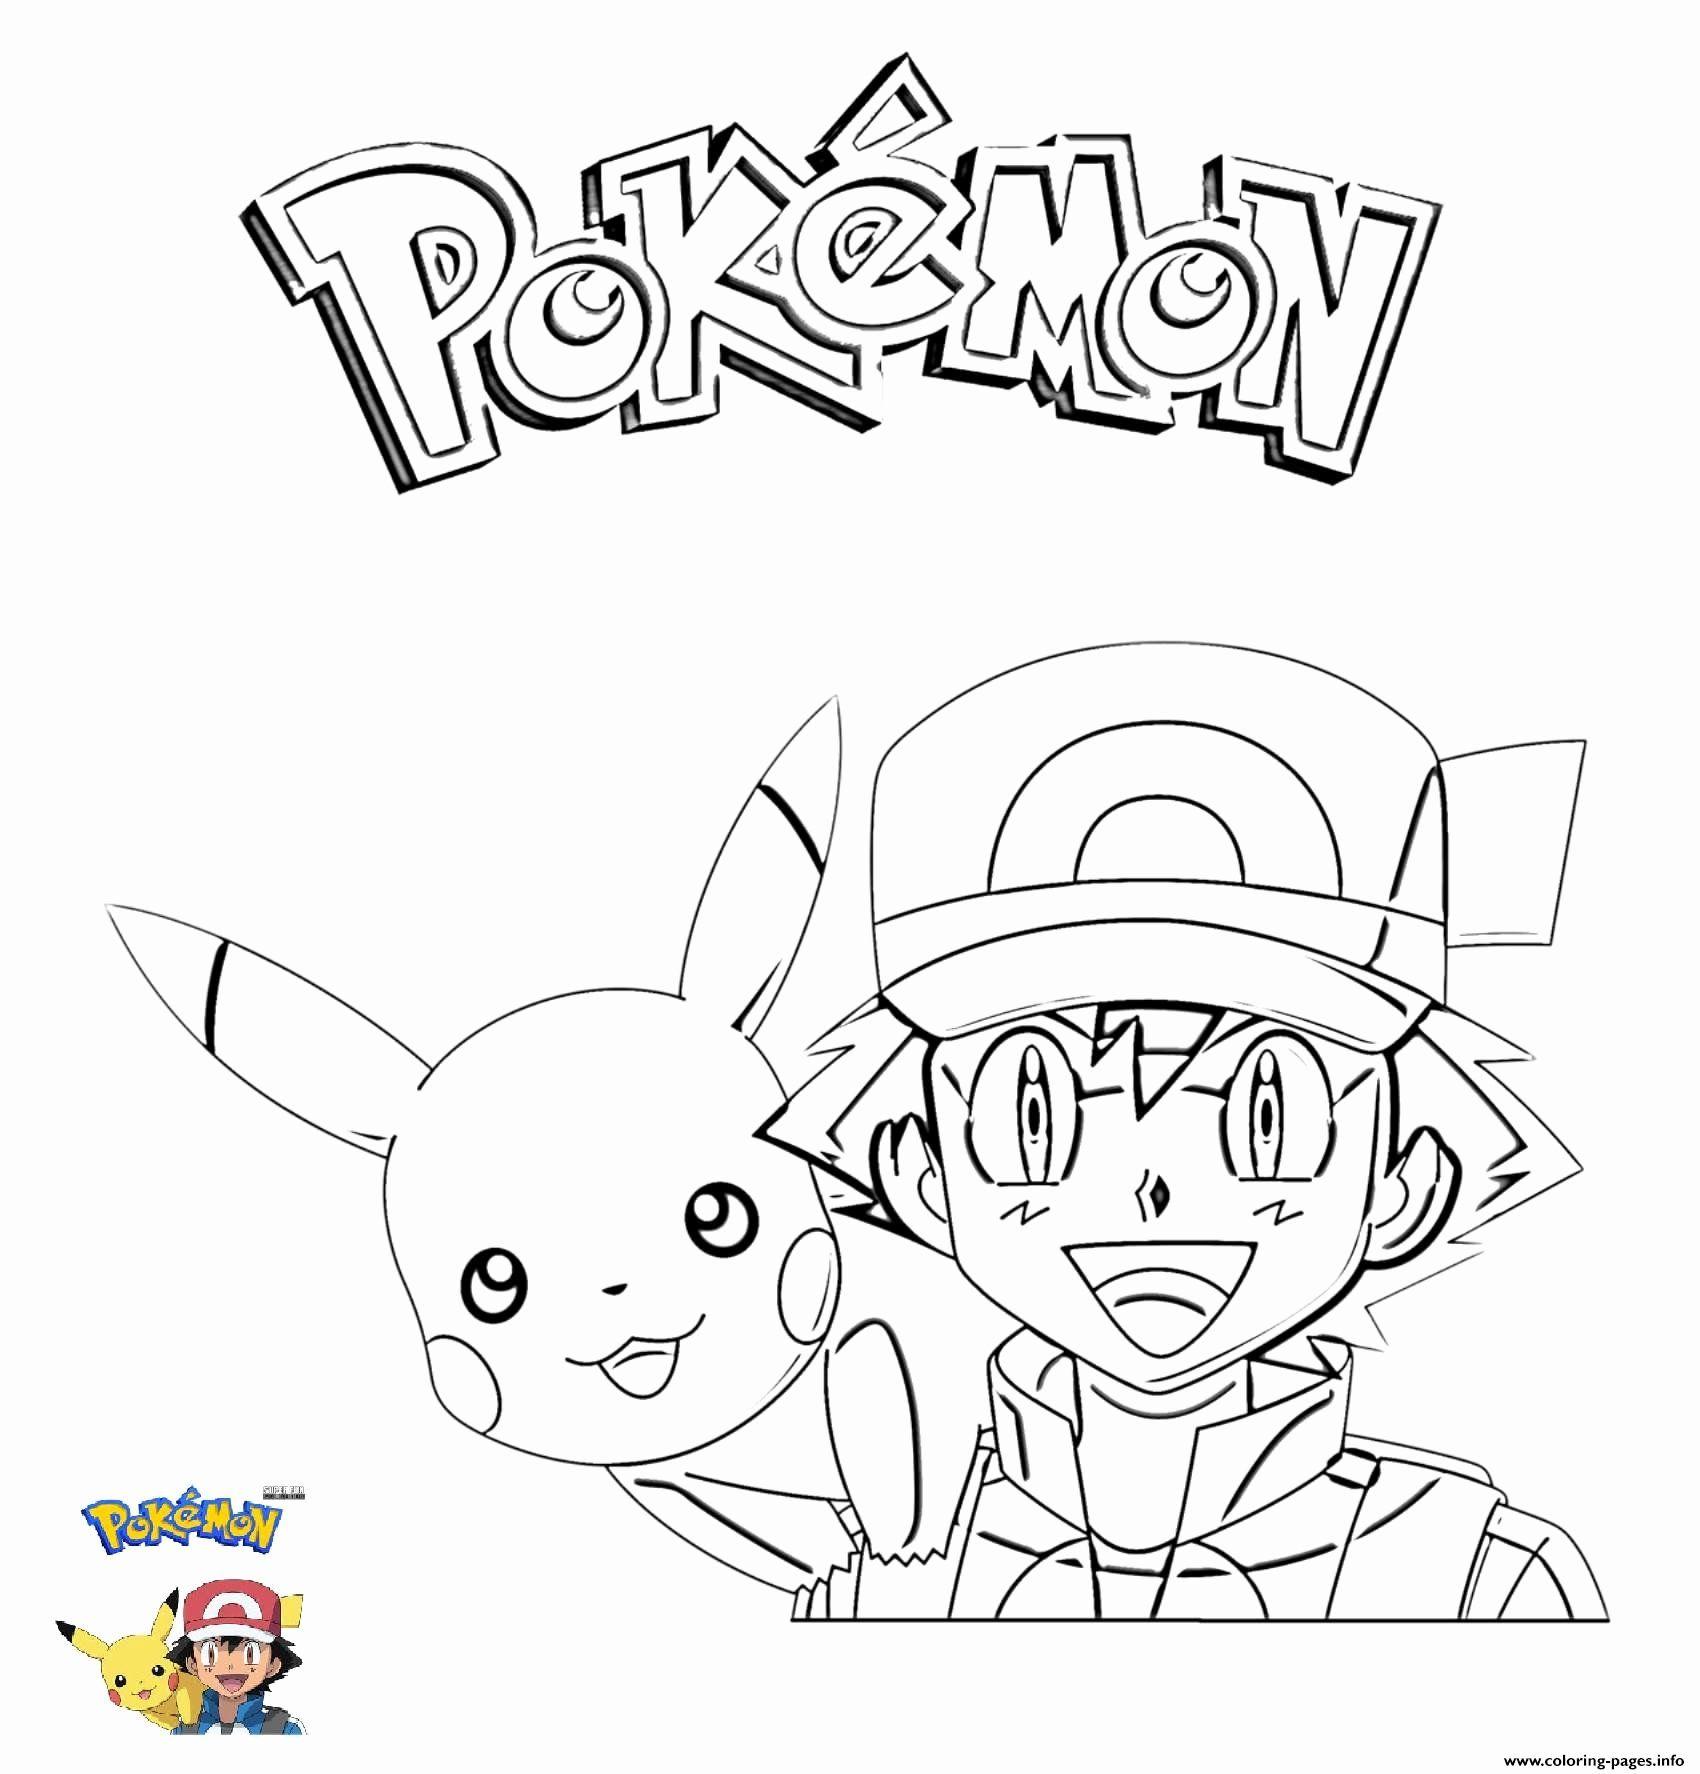 Pokemon Printables Coloring Pages Unique Pokemon Coloring Pages Printable Pikachu Pokemon Coloring Pages Pokemon Printables Coloring Pages